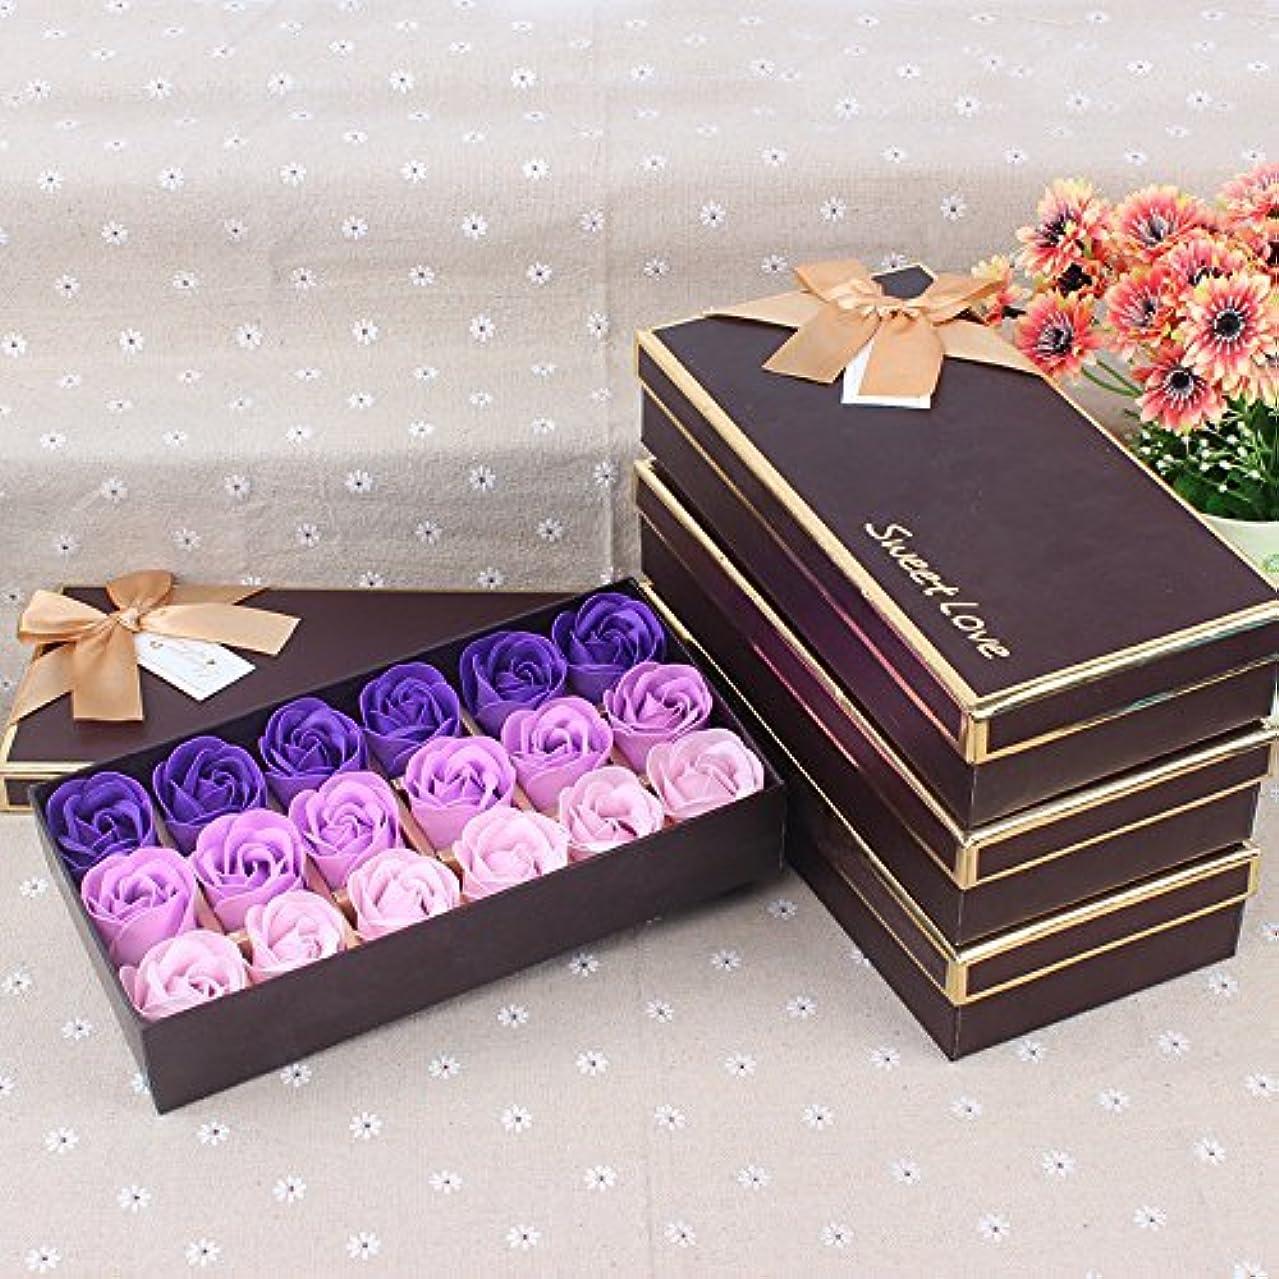 消費するいとこよく話されるWeryn(TM)結婚式のためのギフトボックスバレンタインデーの愛の贈り物で18バラセット香りの入浴ソープローズソープ花びら[Purplegradient]